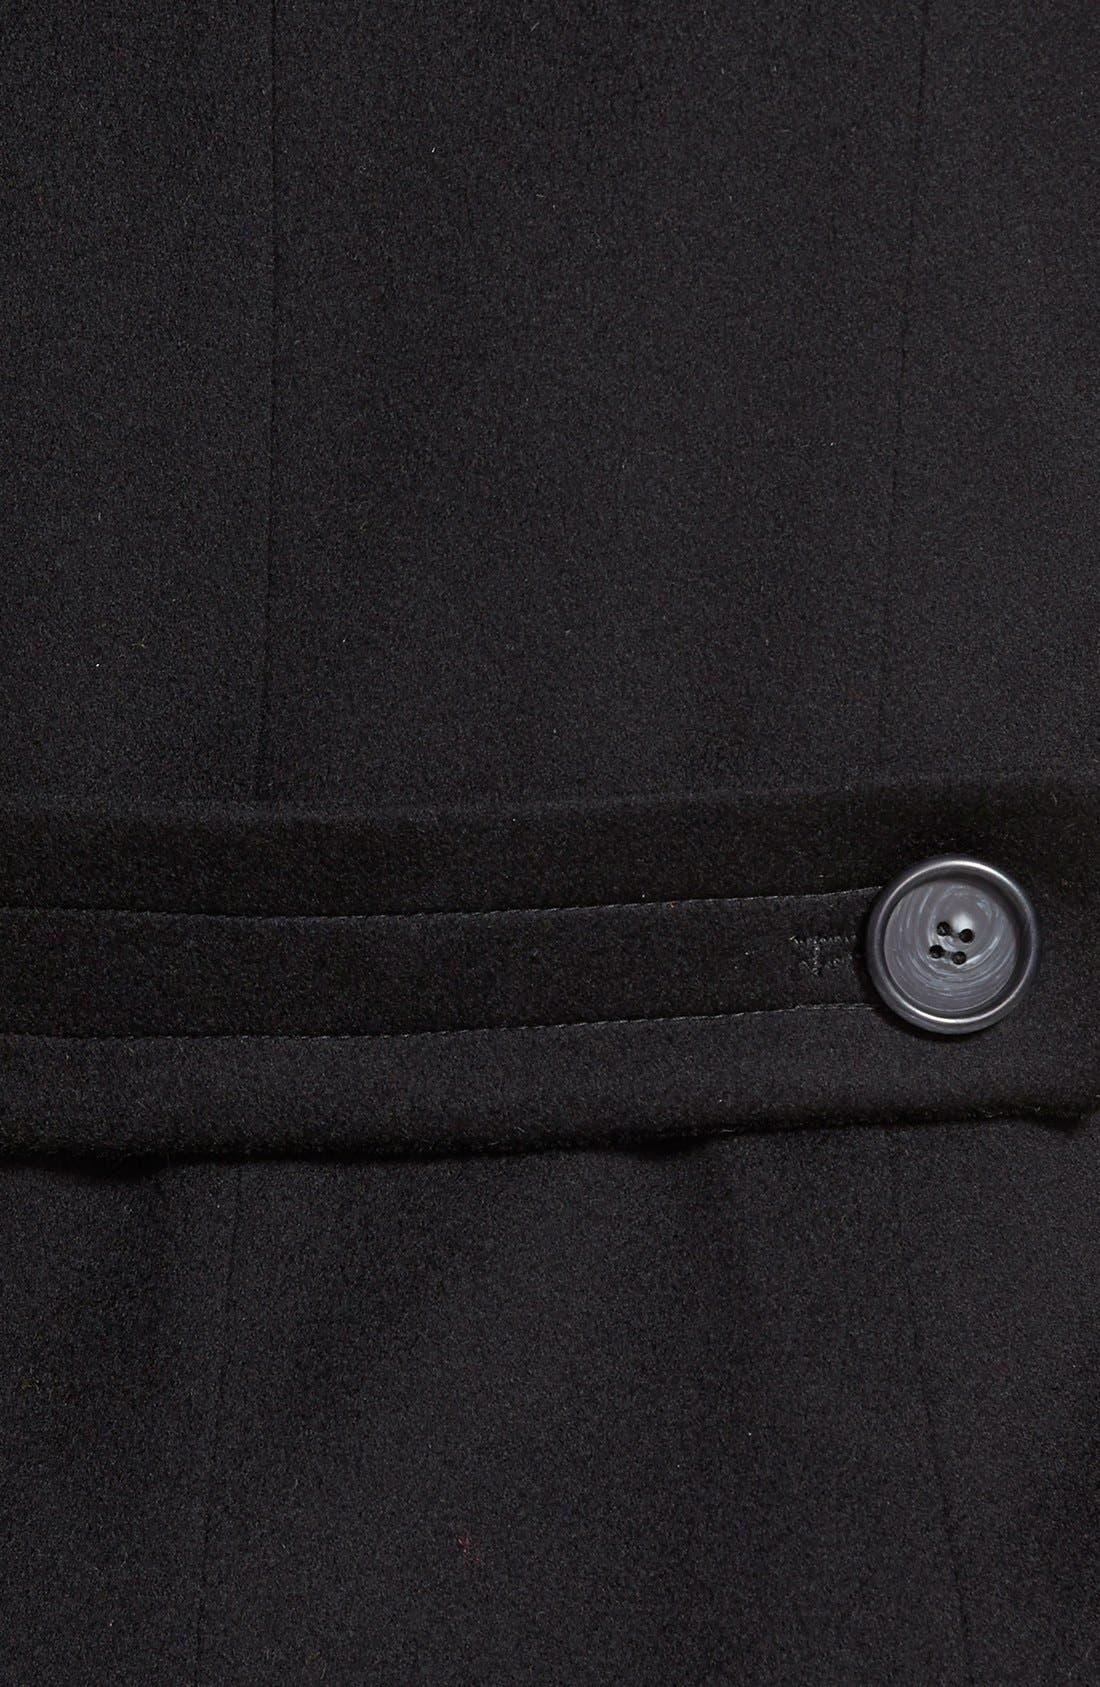 Loro Piana Wool Peacoat,                             Alternate thumbnail 3, color,                             Black